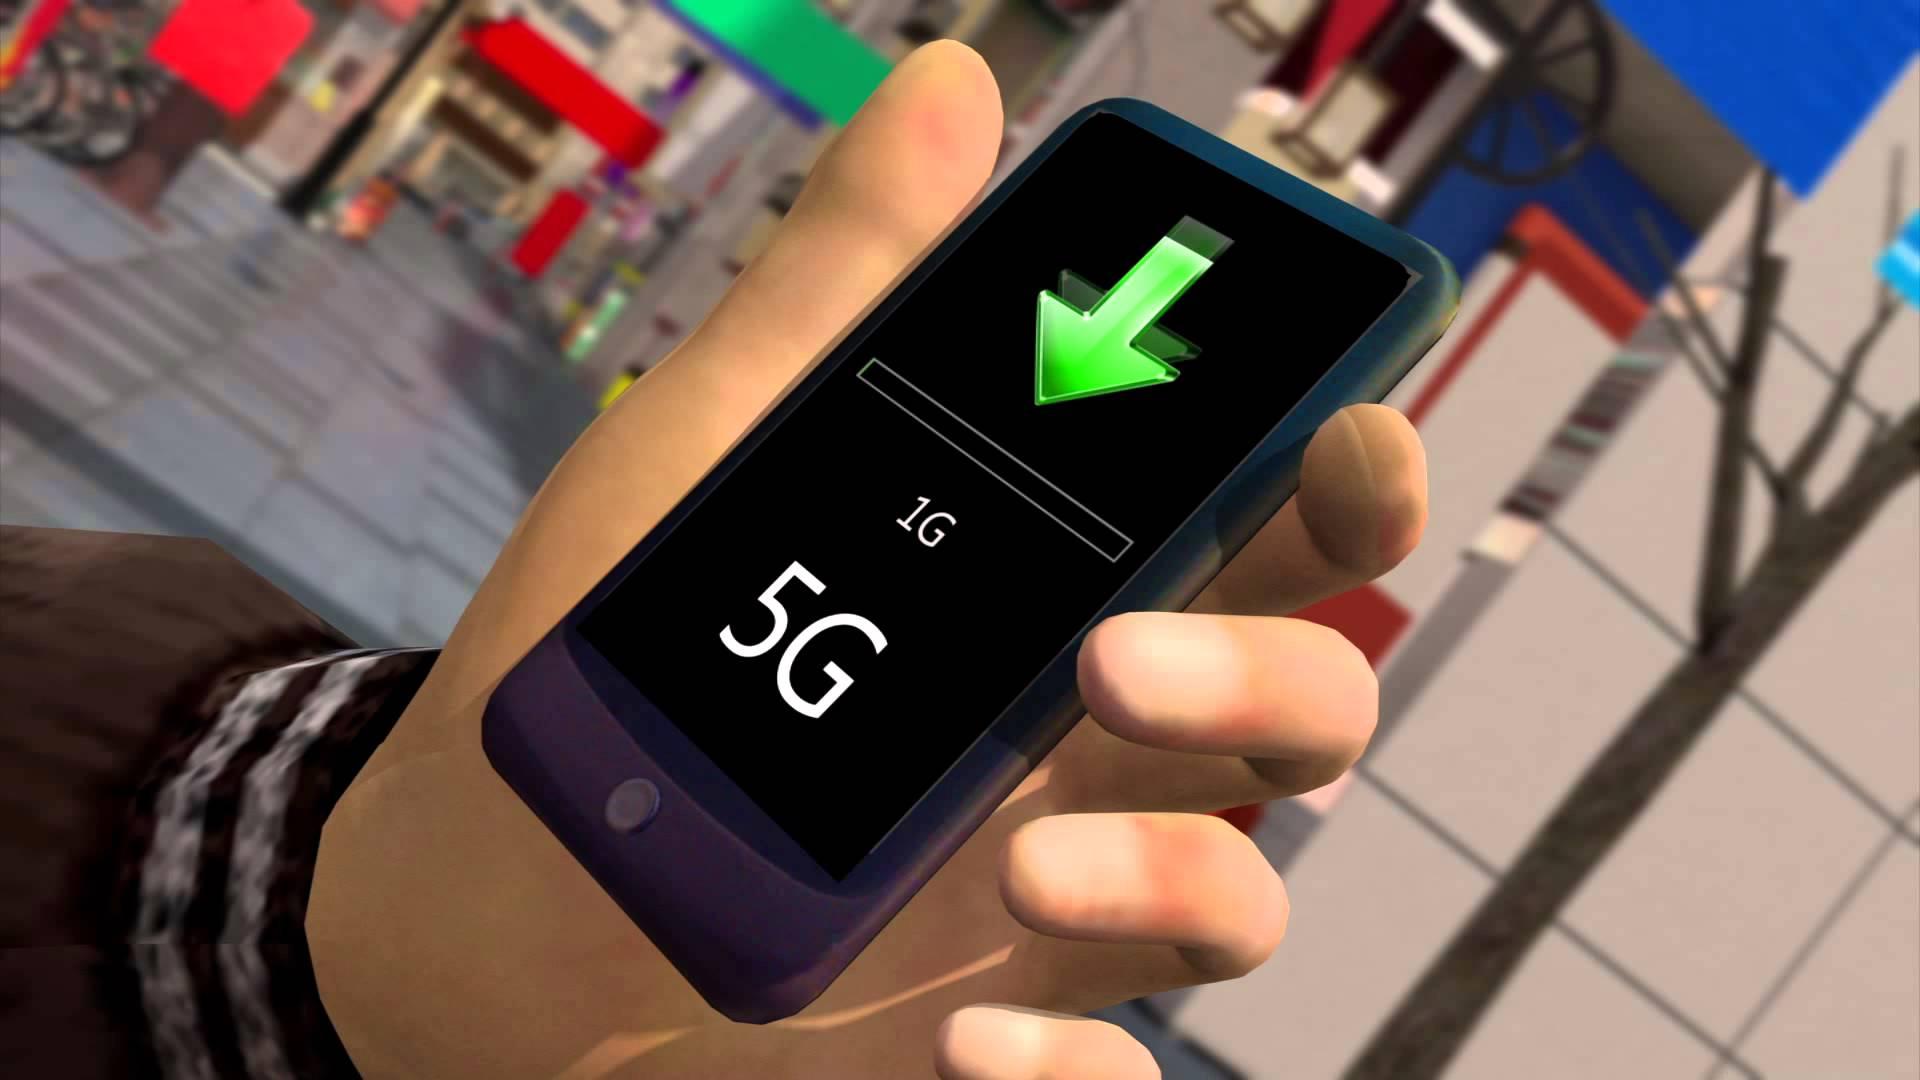 Через три года заработает 5G в Казахстане